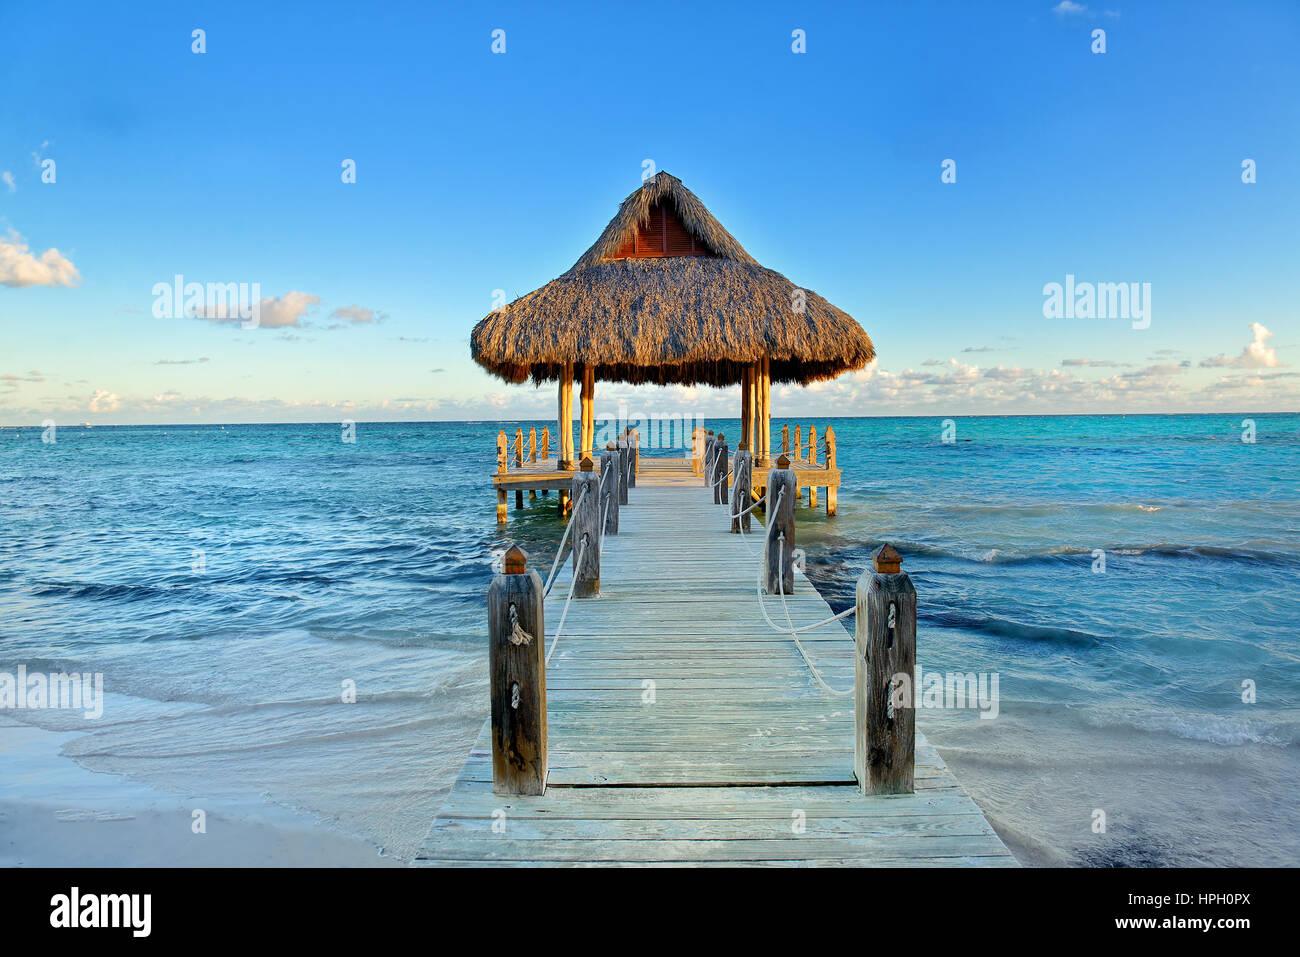 Tropical spiaggia di sabbia bianca. Di foglie di palma di legno coperto pier con gazebo sulla spiaggia. Punta Cana, Immagini Stock